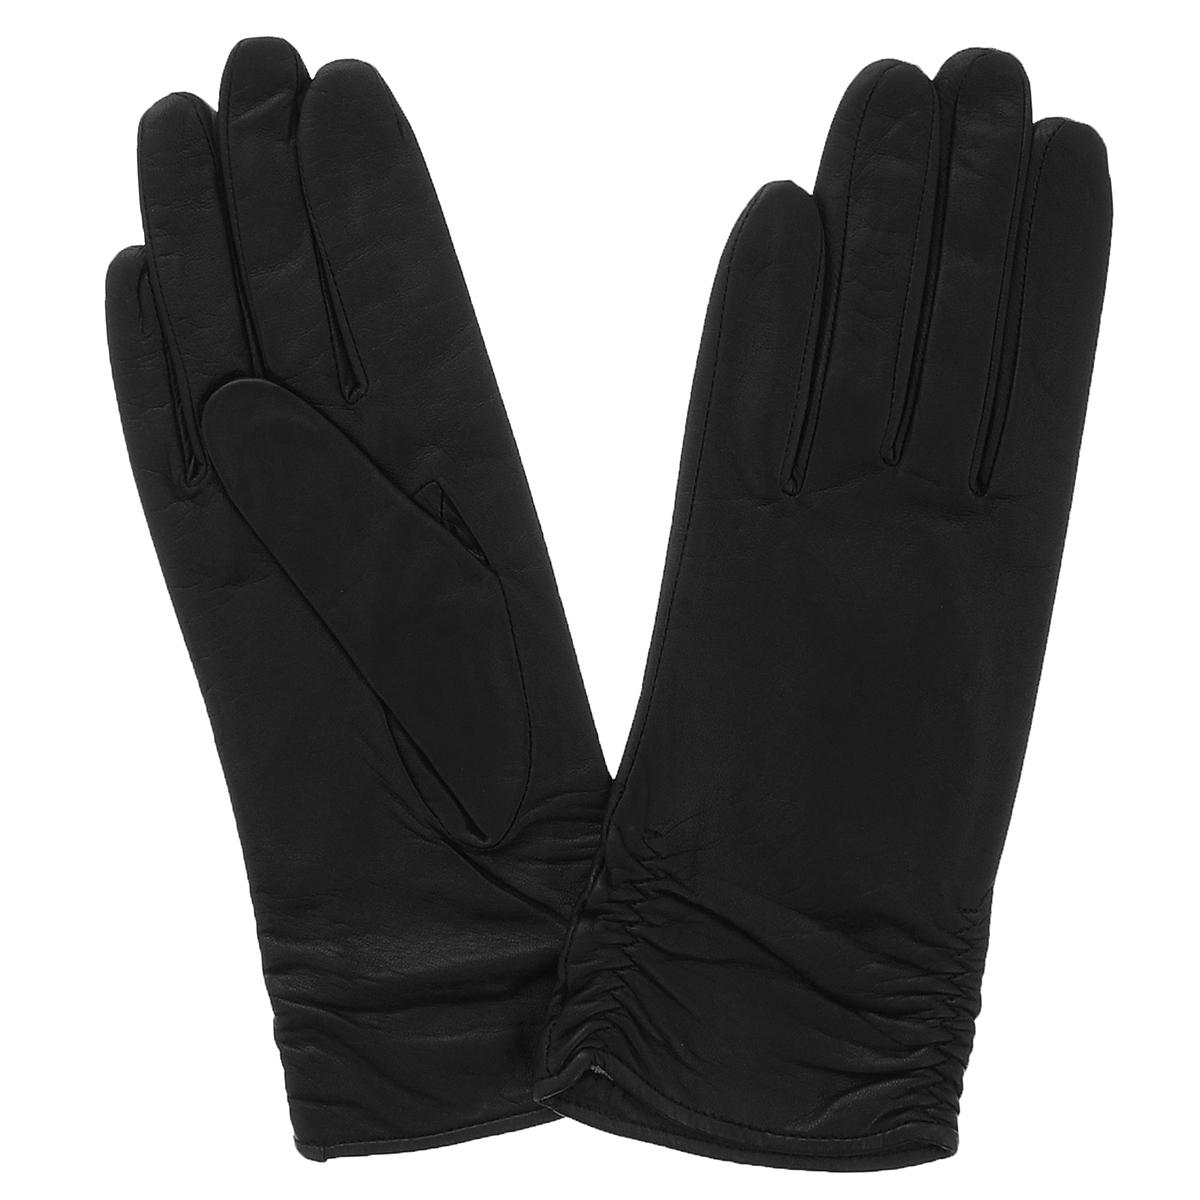 13_ASTRA/BL//11Стильные женские перчатки Dali Exclusive выполнены из мягкой и приятной на ощупь натуральной кожи ягненка с подкладкой из 100% шерсти. Манжеты по боковому шву собраны на резинку. Такие перчатки подчеркнут ваш стиль и неповторимость.